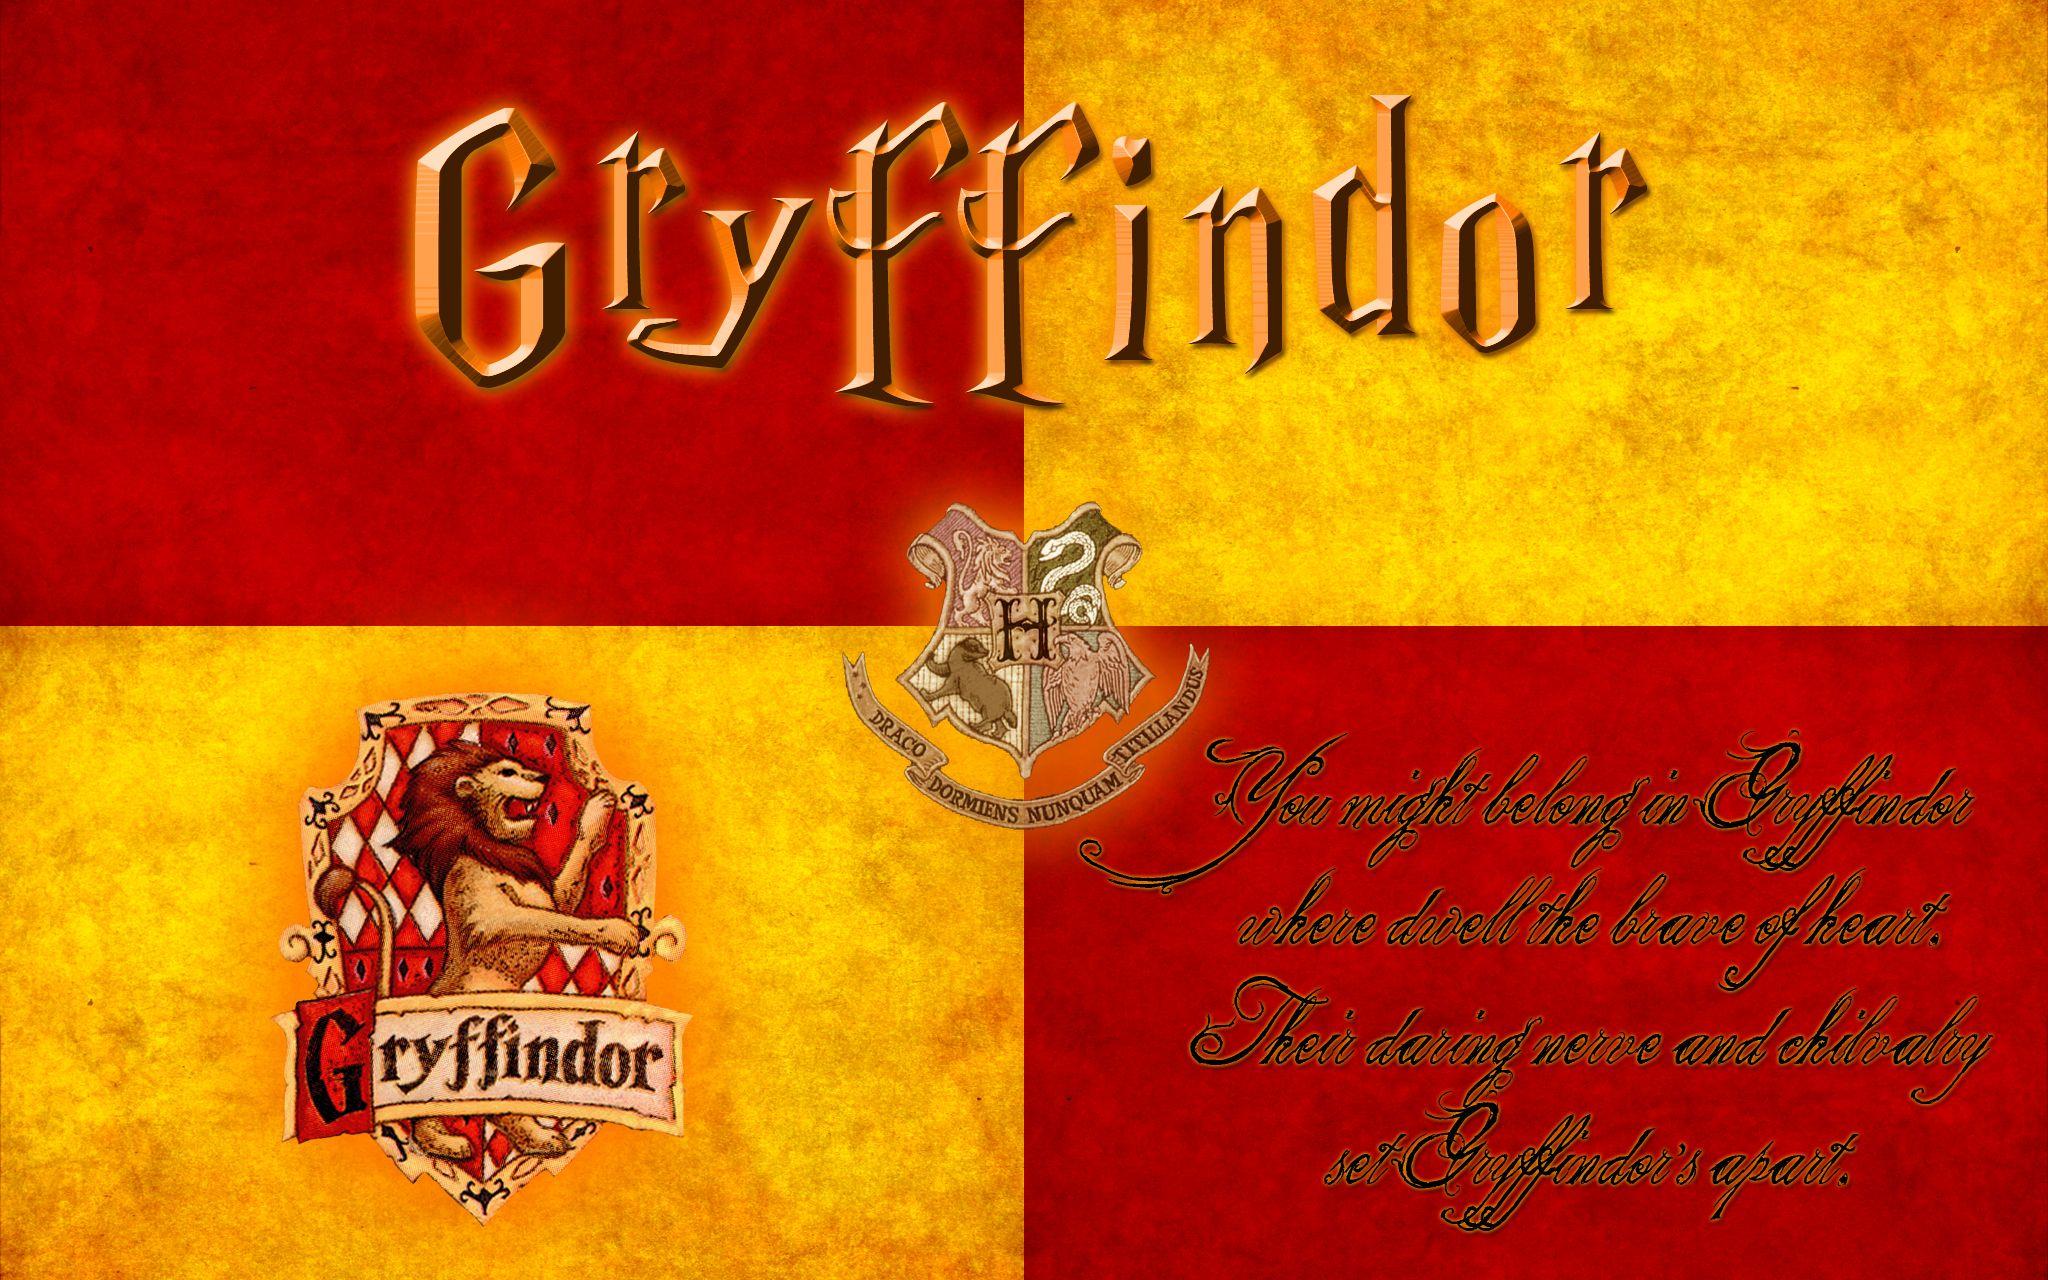 Harry Potter Wallpaper Gryffindor Harry Potter Wallpaper Harry Potter Iphone Wallpaper Harry Potter Gryffindor